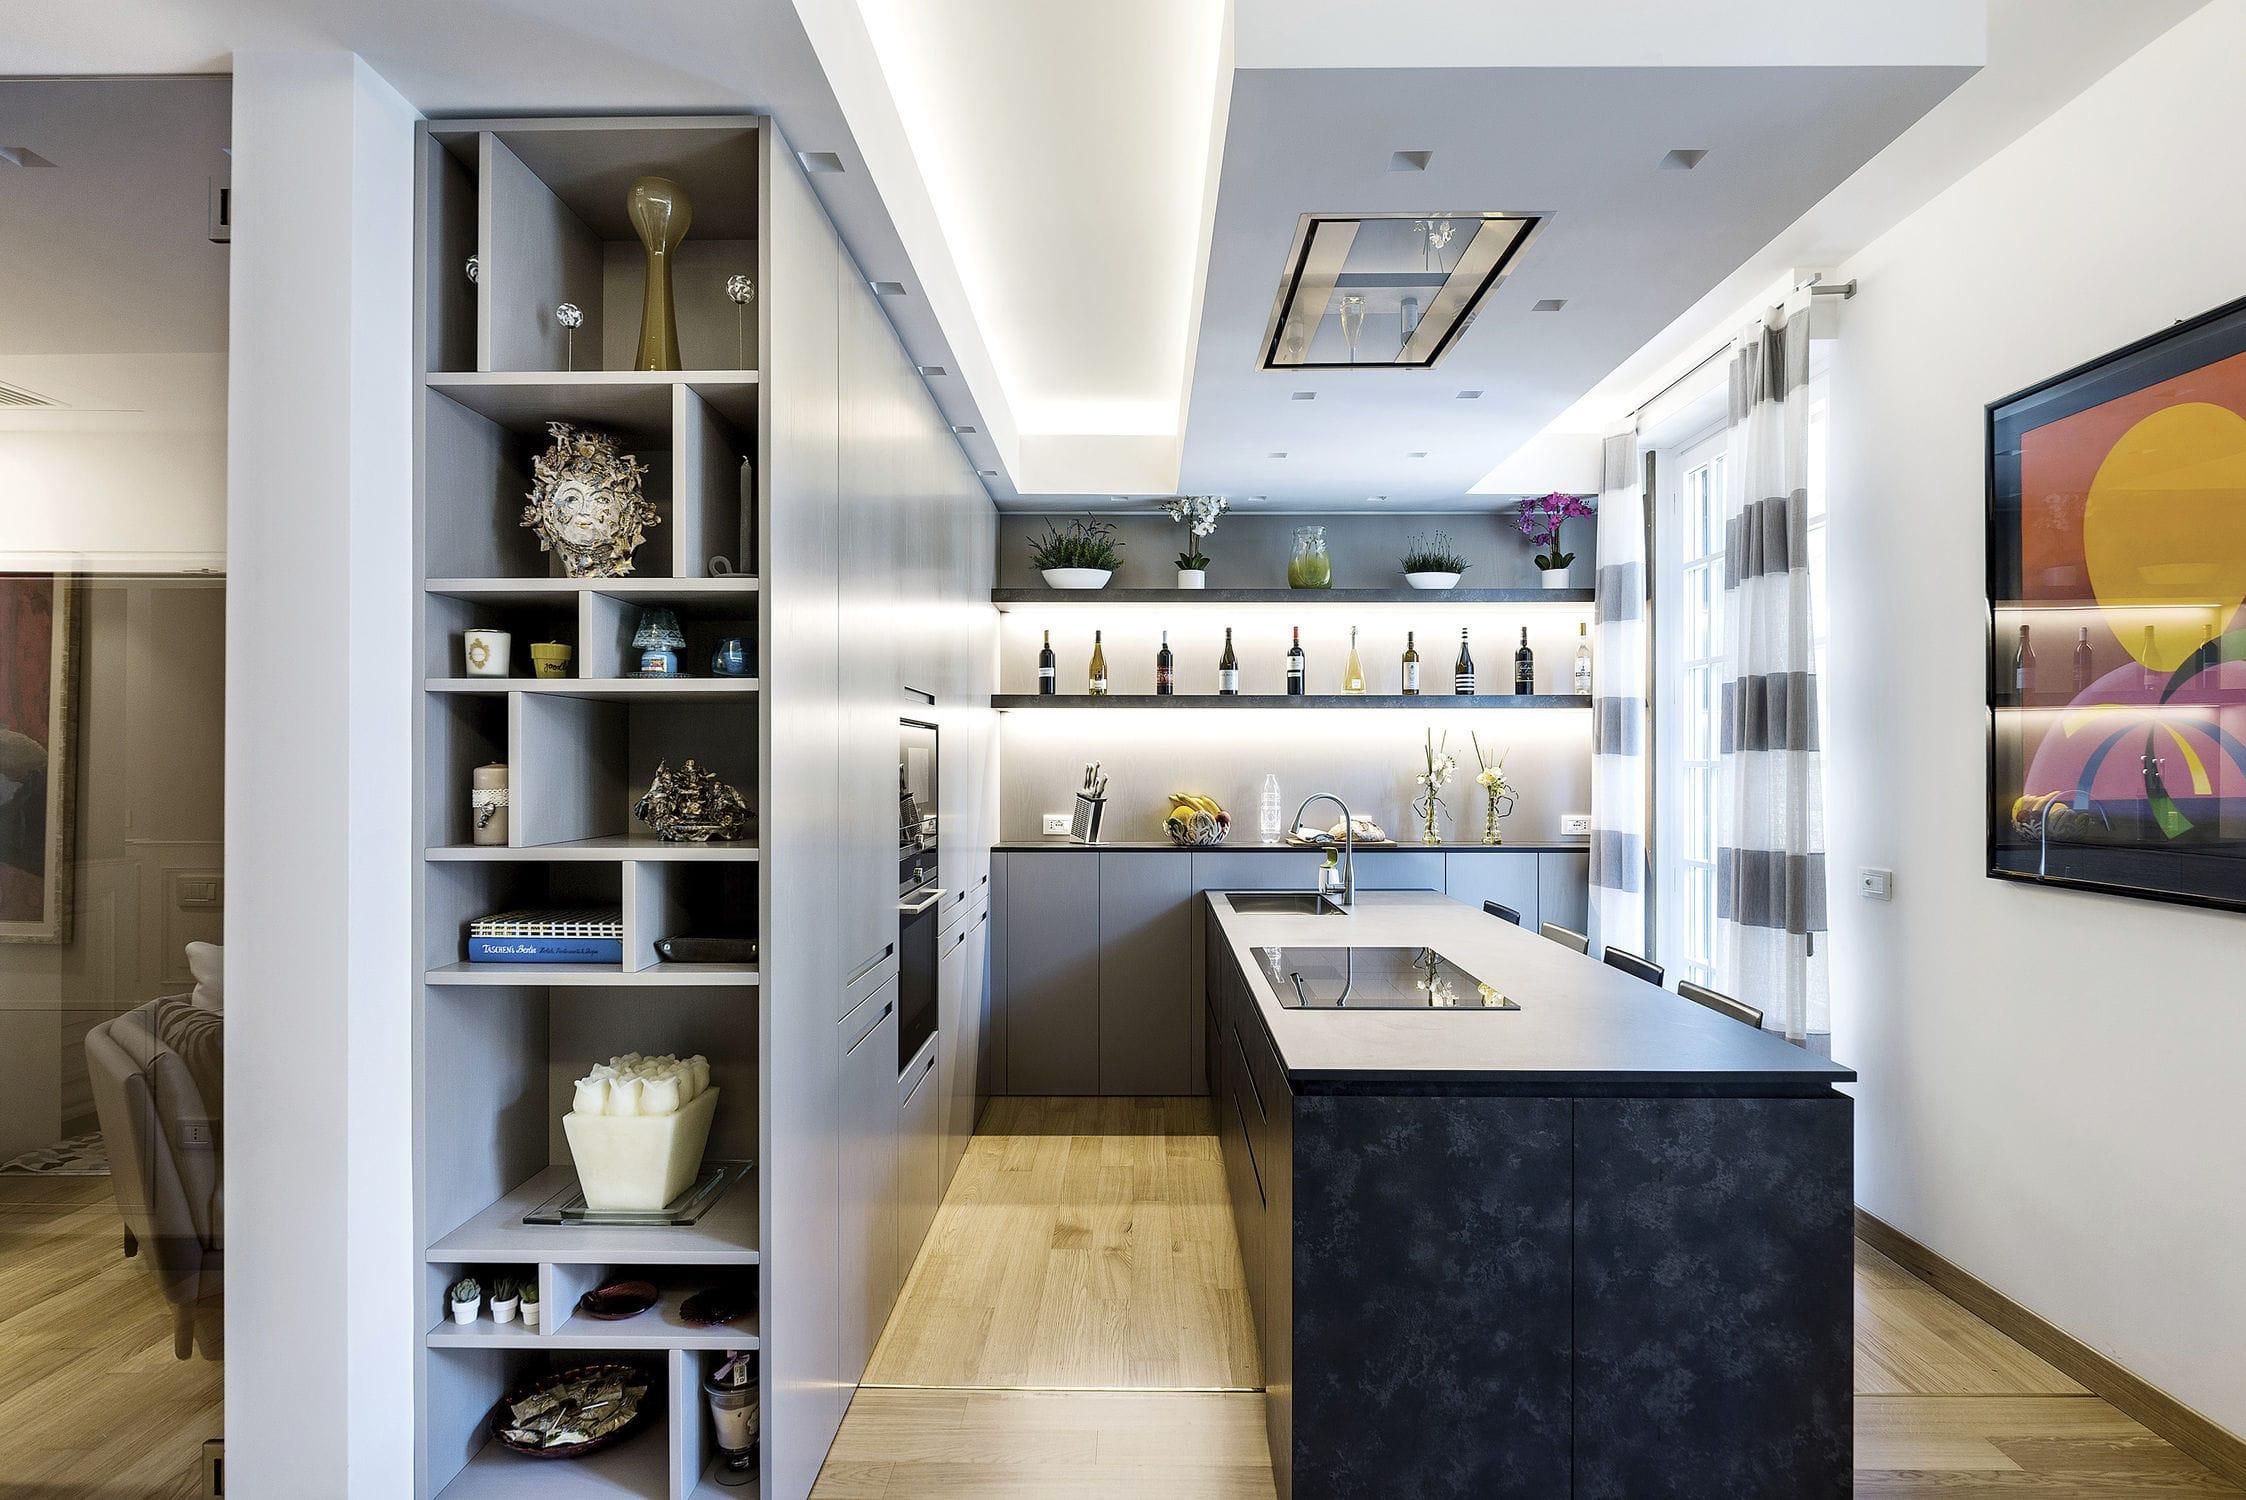 Moderne Küche / Laminat / ohne Griff - 20150301 – CUCINA CON ...